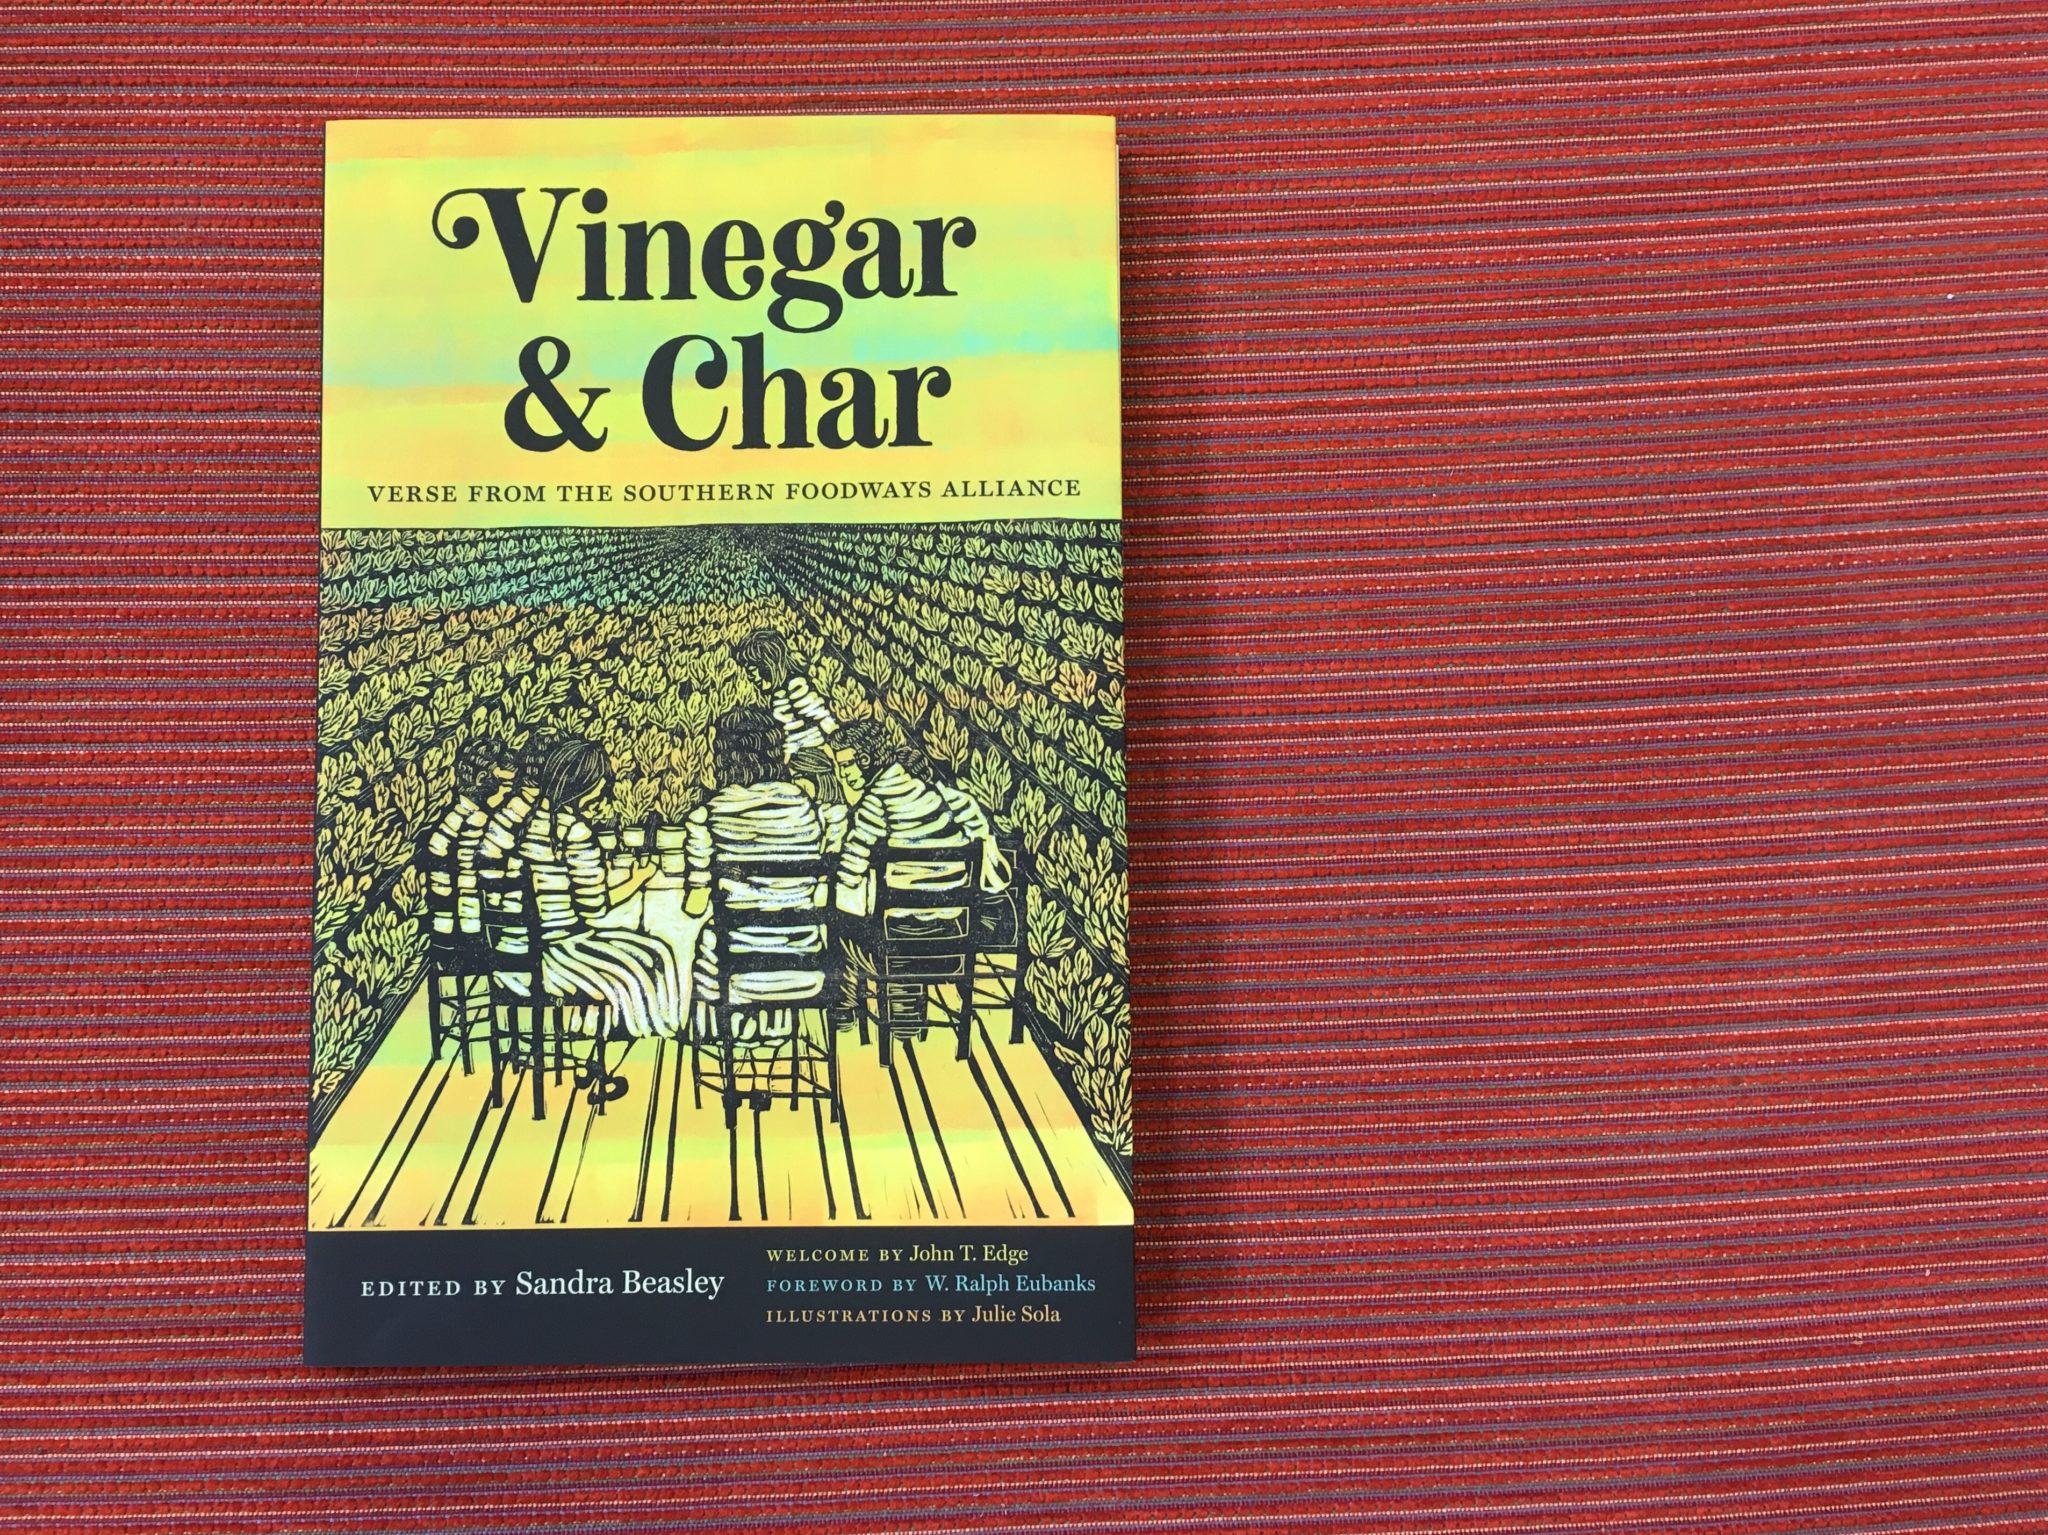 Vinegar & Char cover image